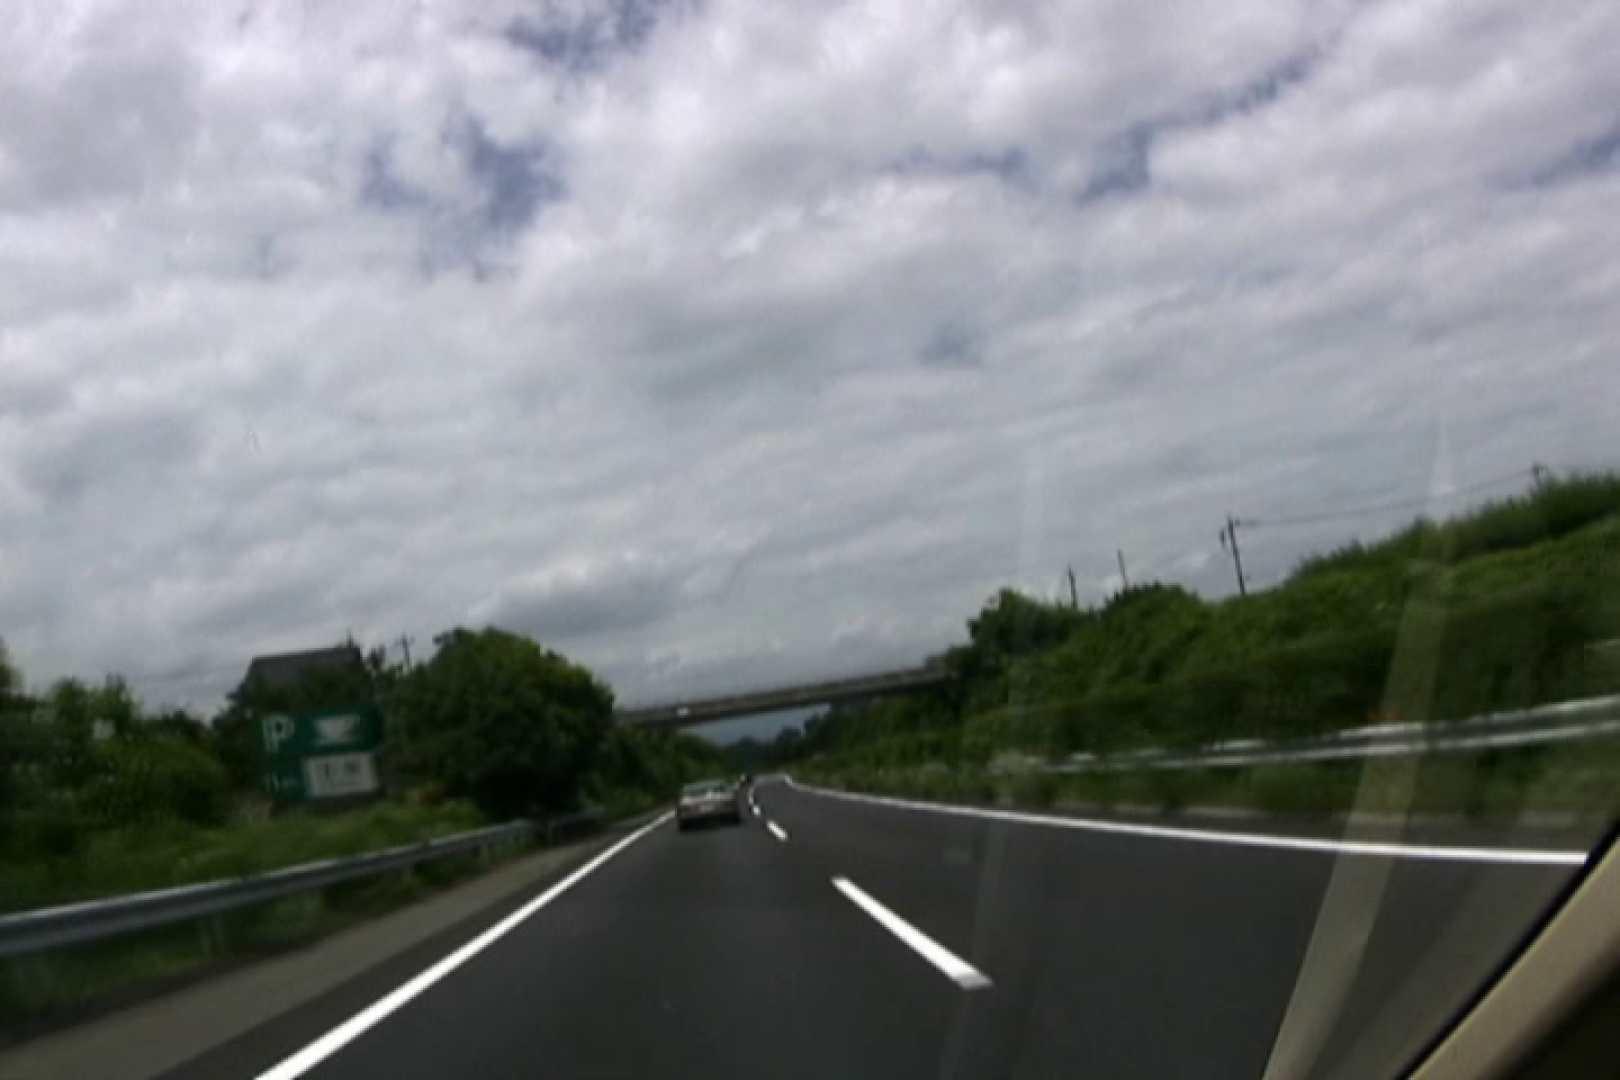 素人モデル撮っちゃいました kaori 一般投稿 すけべAV動画紹介 111pic 8